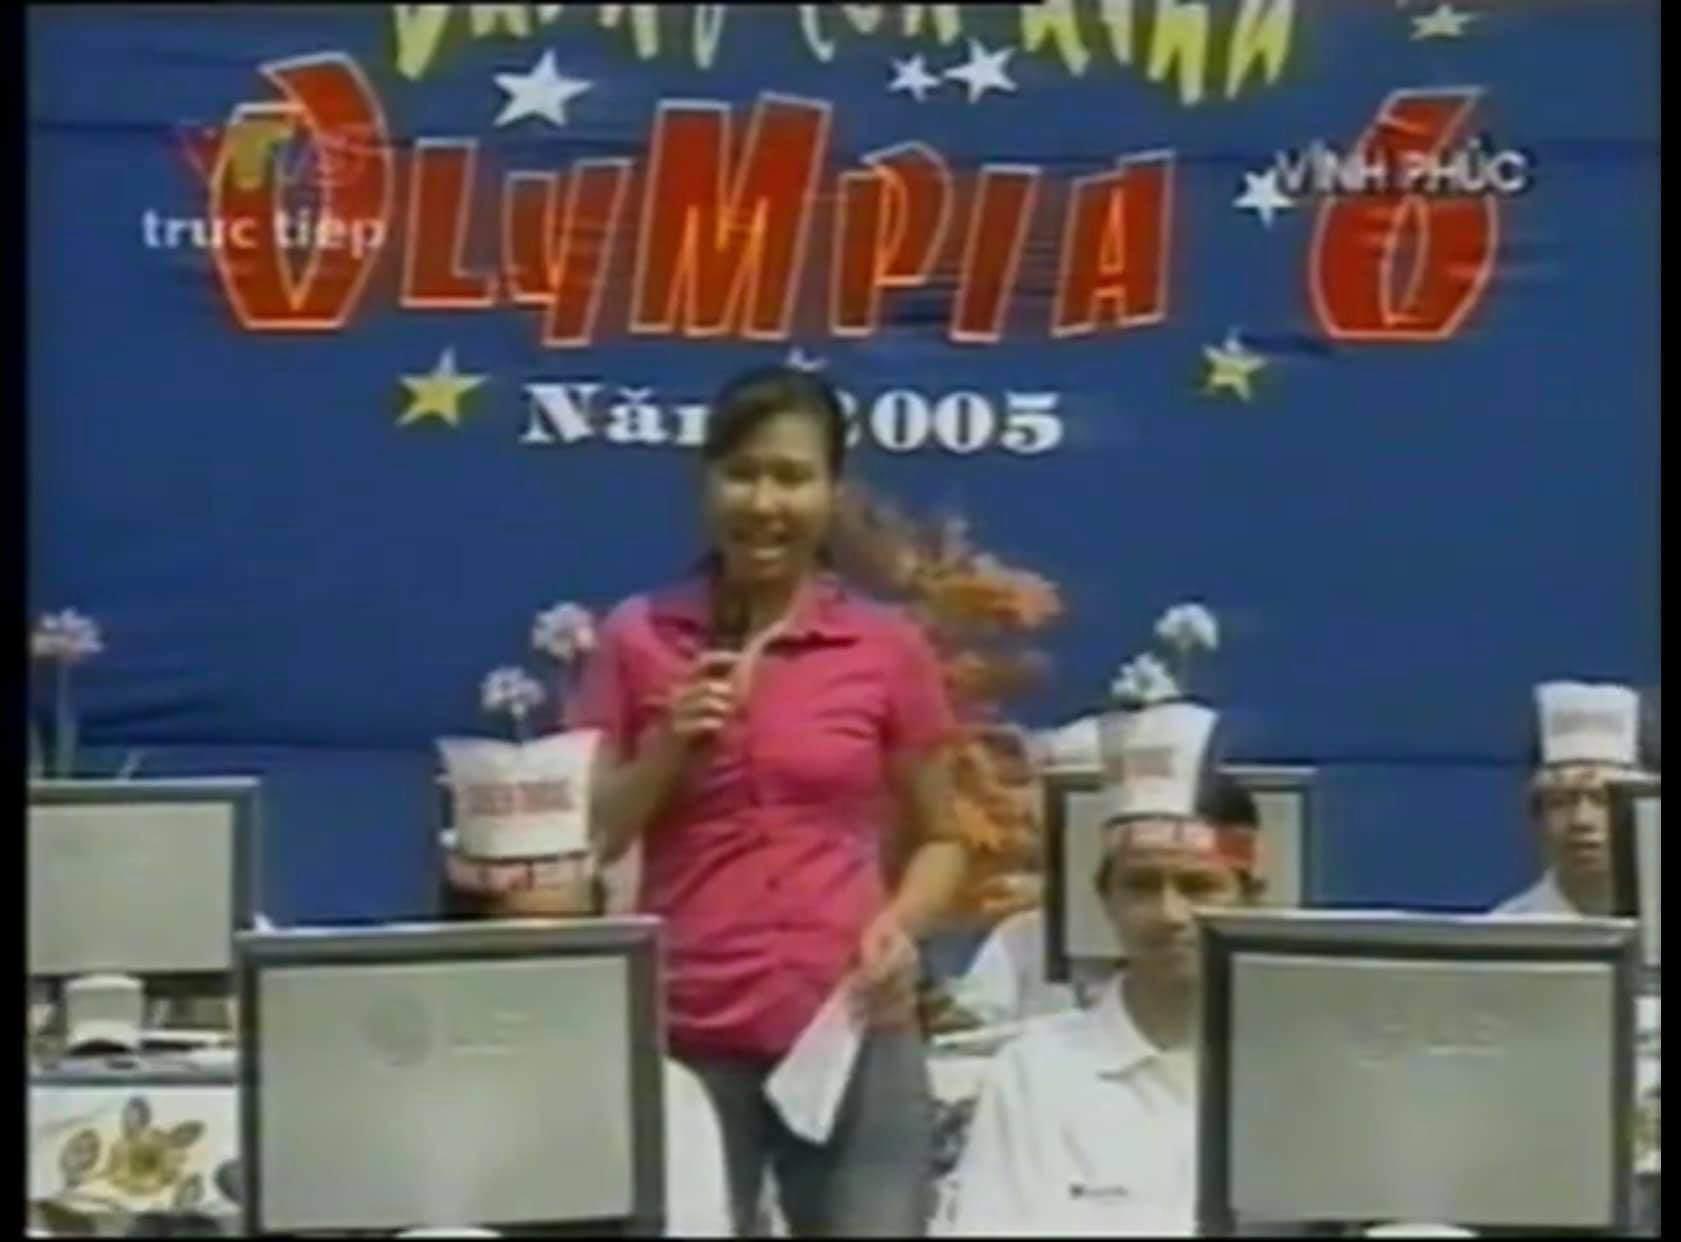 MC điểm cầu Đường Lên Đỉnh Olympia 15 năm trước: Giờ đều hạnh phúc, có người lên sếp lớn VTV - 7